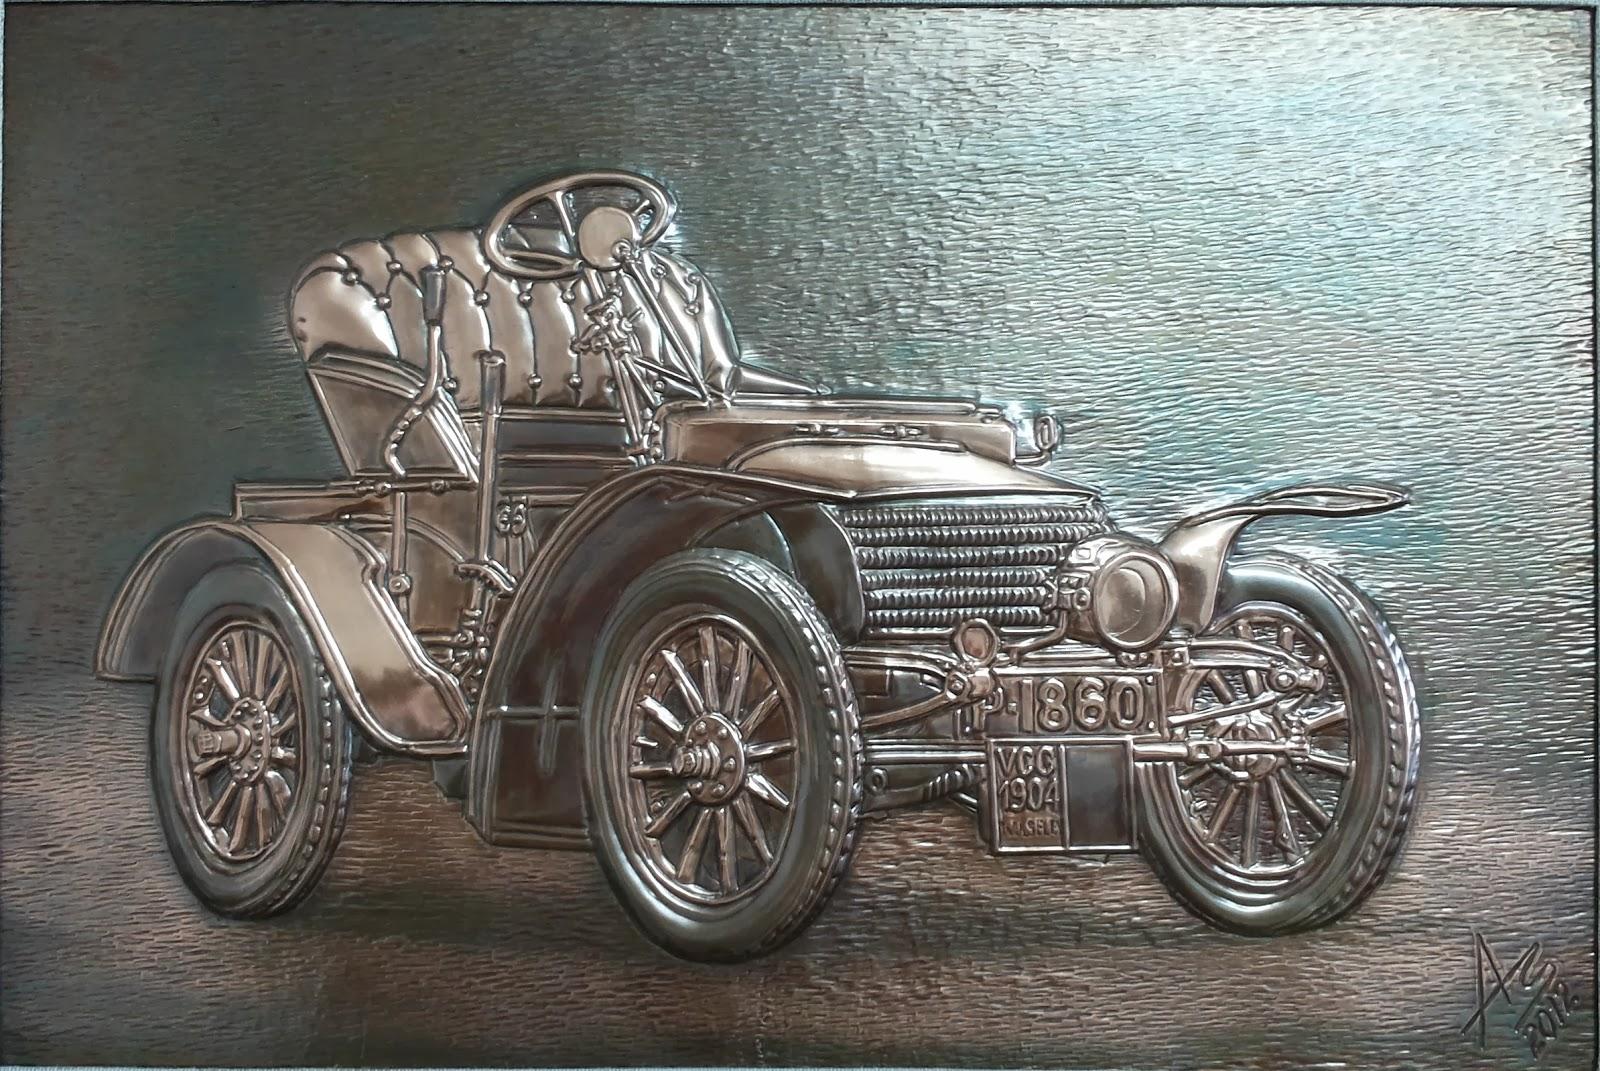 metalloplasie, metaloplastia, metaloplastie, modelarea tablei, métalloplastique, tablouri pe tabla de cupru, tablou, arta plastice, lucru manual, masina de epoca wolseley,